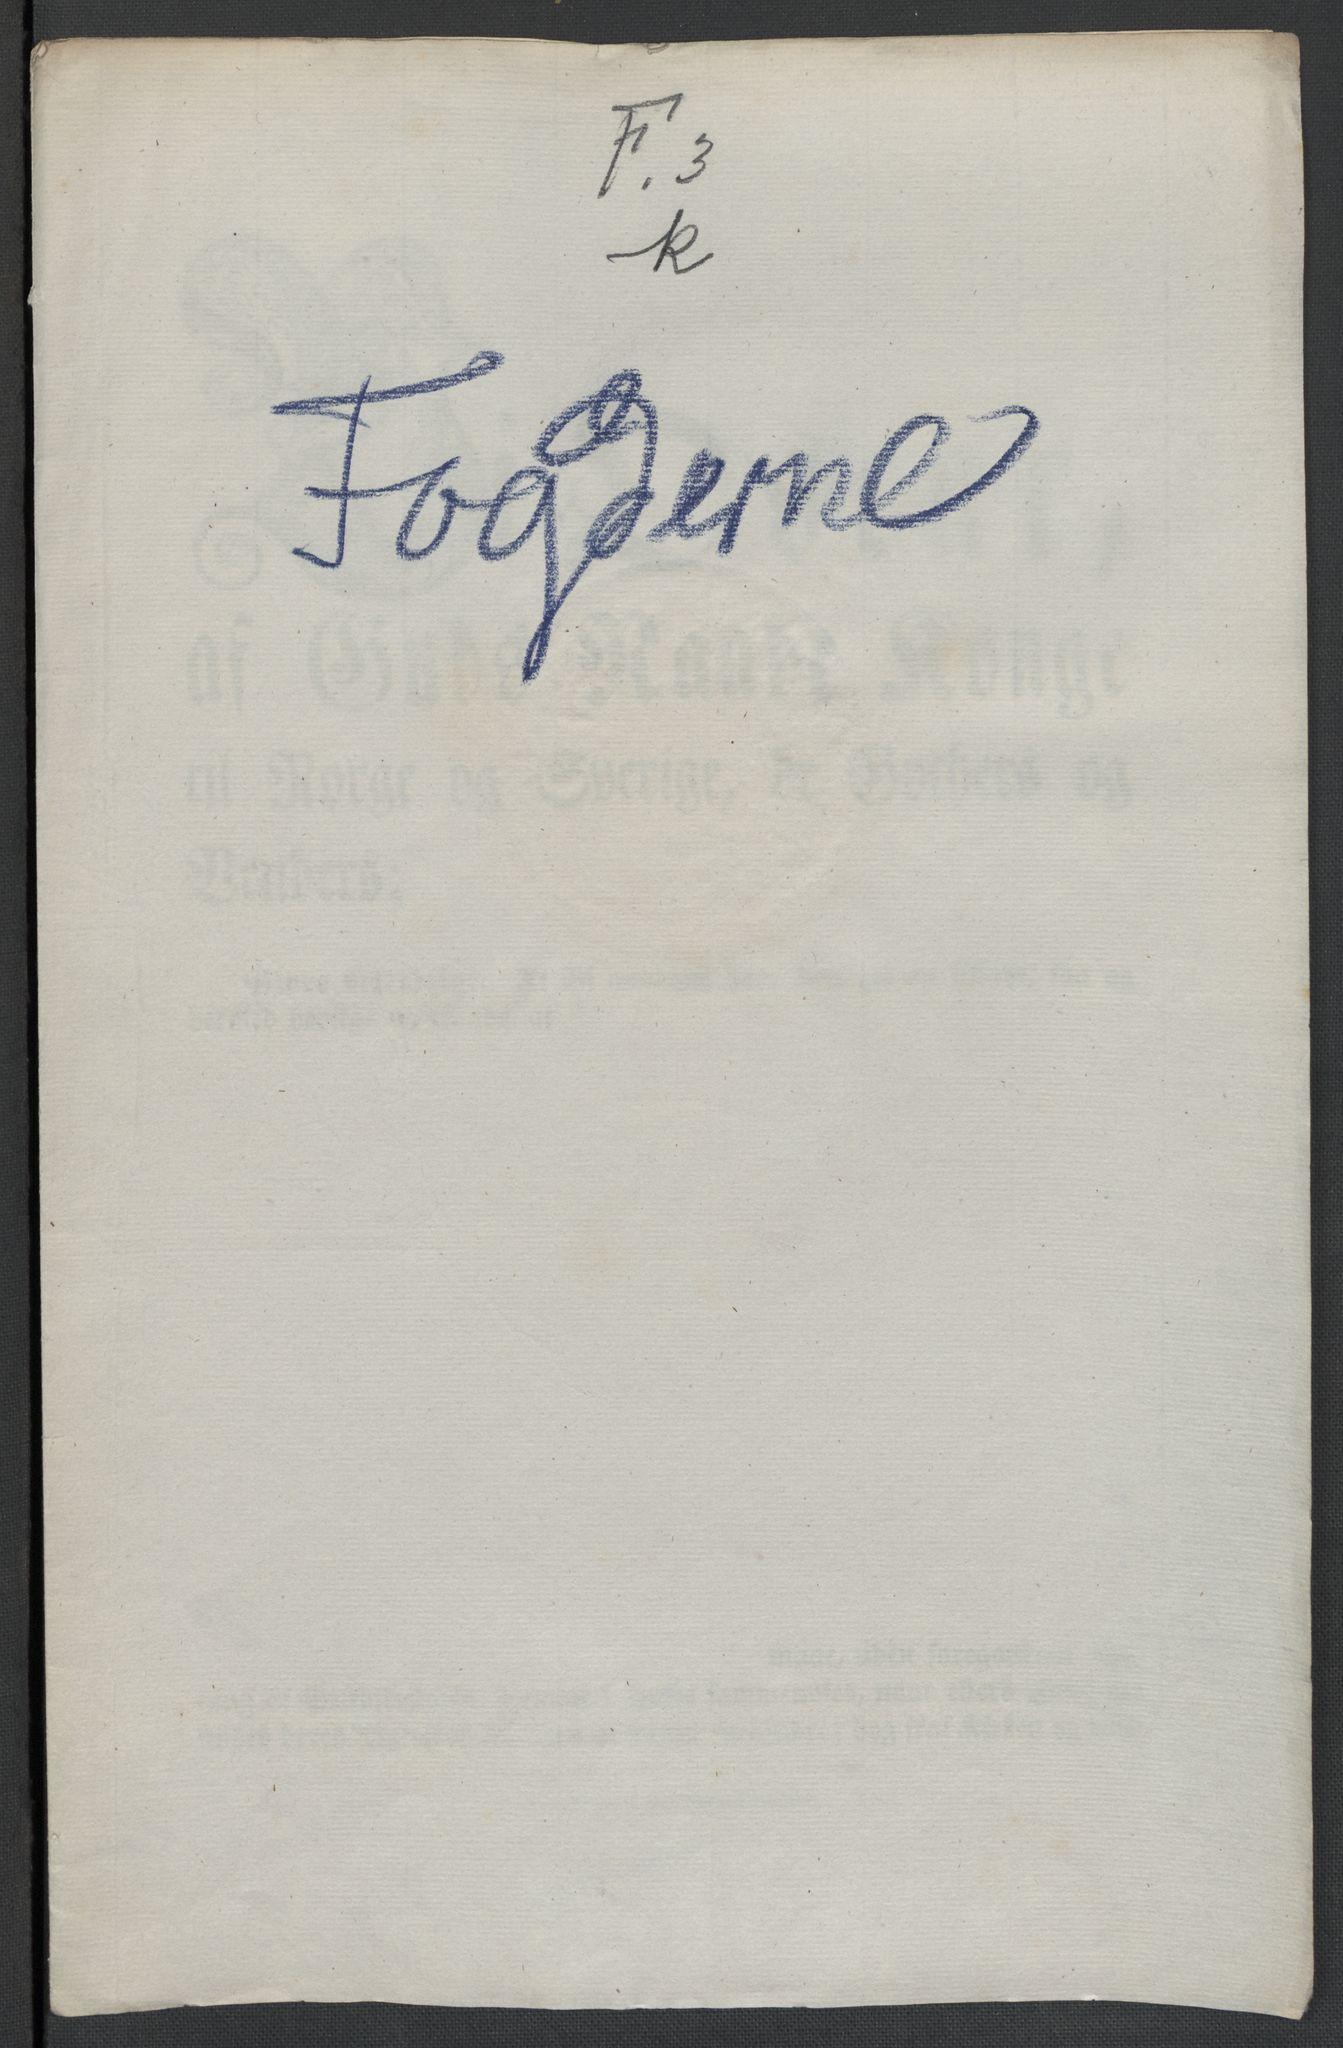 RA, Christie, Wilhelm Frimann Koren, F/L0006, 1817-1818, s. 446